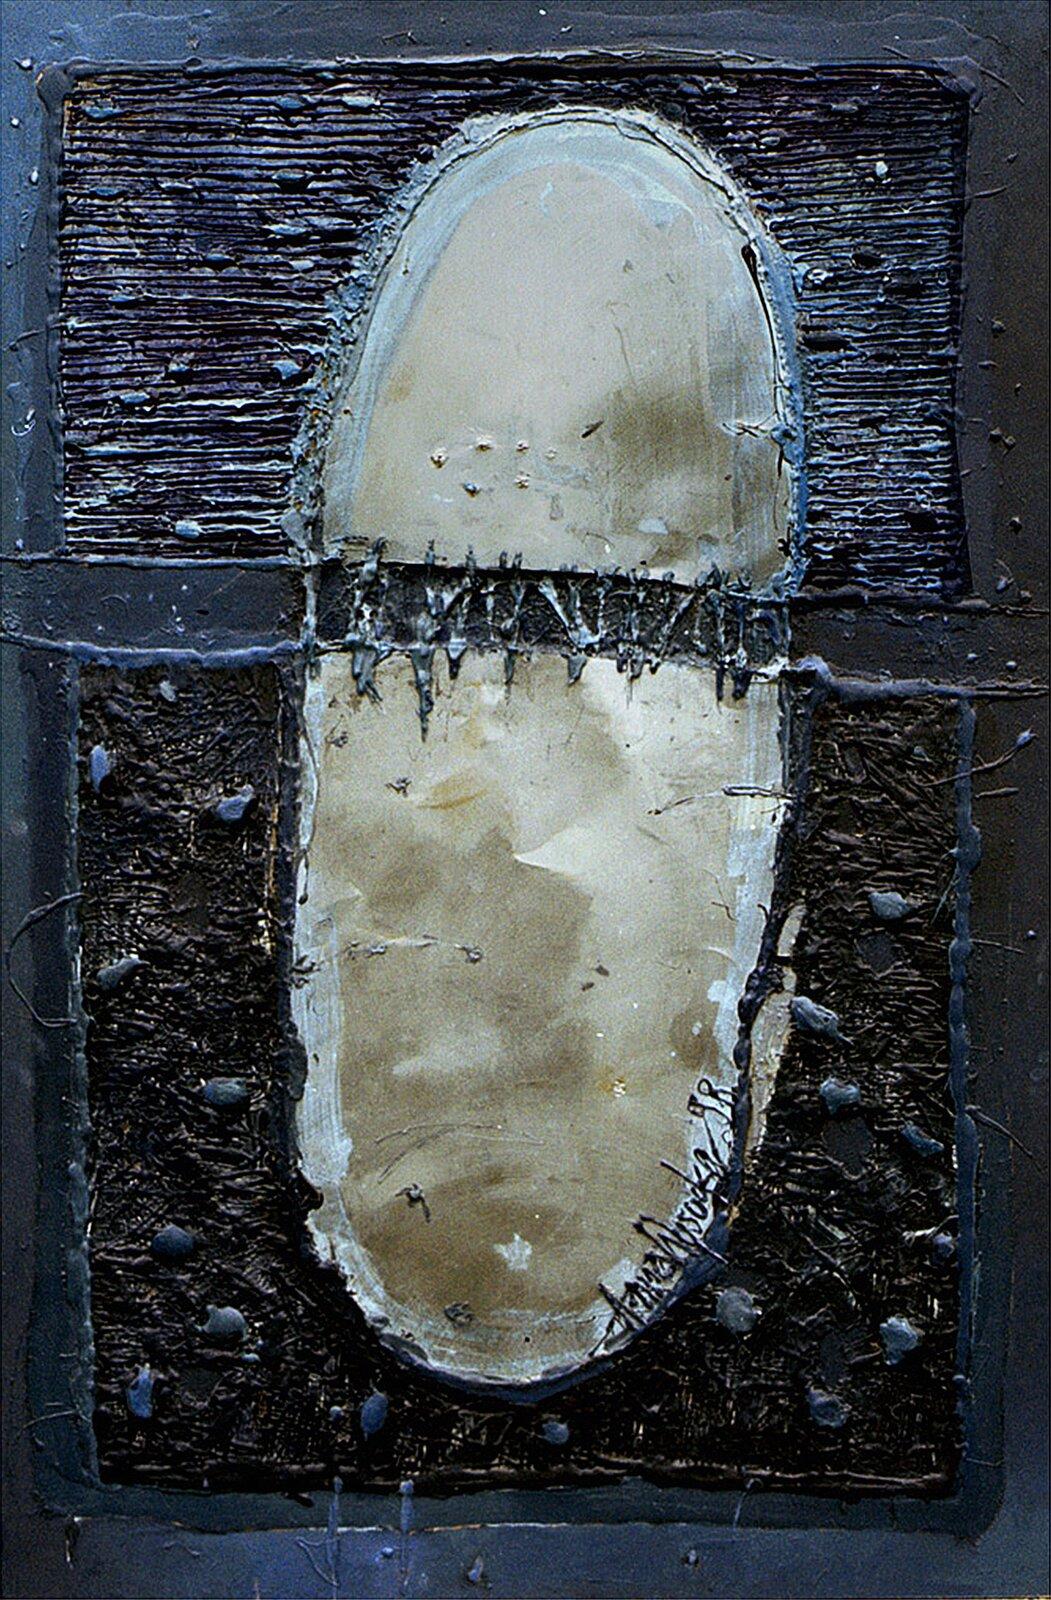 """Ilustracja przedstawia obraz """"Mandala"""" autorstwa Anny Wysockiej. Wcentrum abstrakcyjnej kompozycji znajduje się beżowy, podłużny kształt obwiedziony jasnym szerokim konturem zpodpisem Anna Wysocka 98. Obiekt umieszczony jest na ciemnym, granatowym tle składającym się zdwóch, namalowanych grubą fakturą prostokątów. Przerwa pomiędzy nimi przechodzi szerokim pasem przez beżowy kształt wcentrum obrazu, dzieląc go na dwie części tworzy wnim poszarpaną ciemną wyrwę. Praca utrzymana jest wchłodnej, ciemnej tonacji zdominantą jasnego beżu wcentrum kompozycji."""